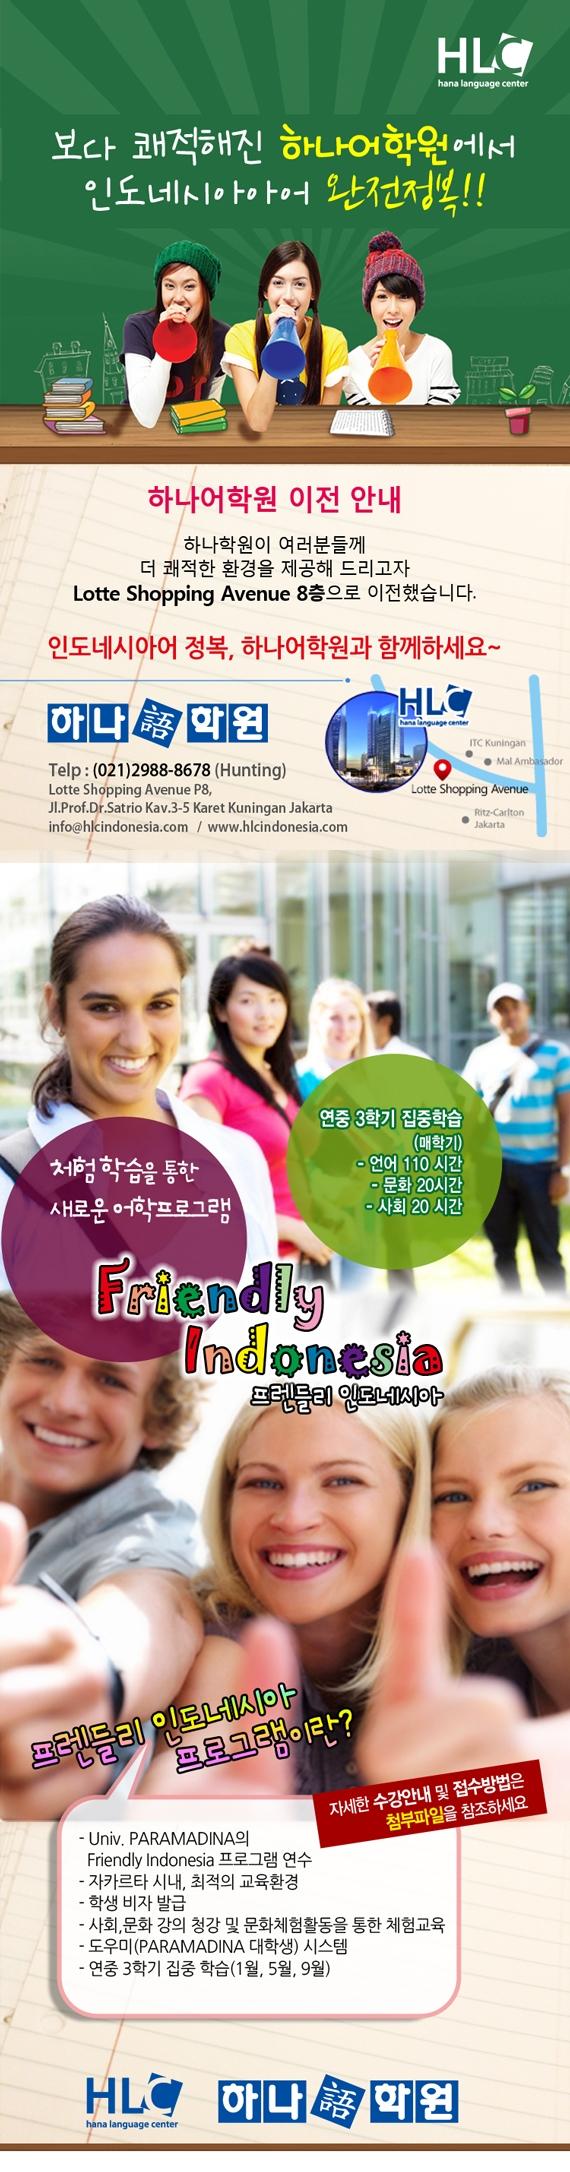 [하나어학원]에서 인도네시아 완전정복!!!